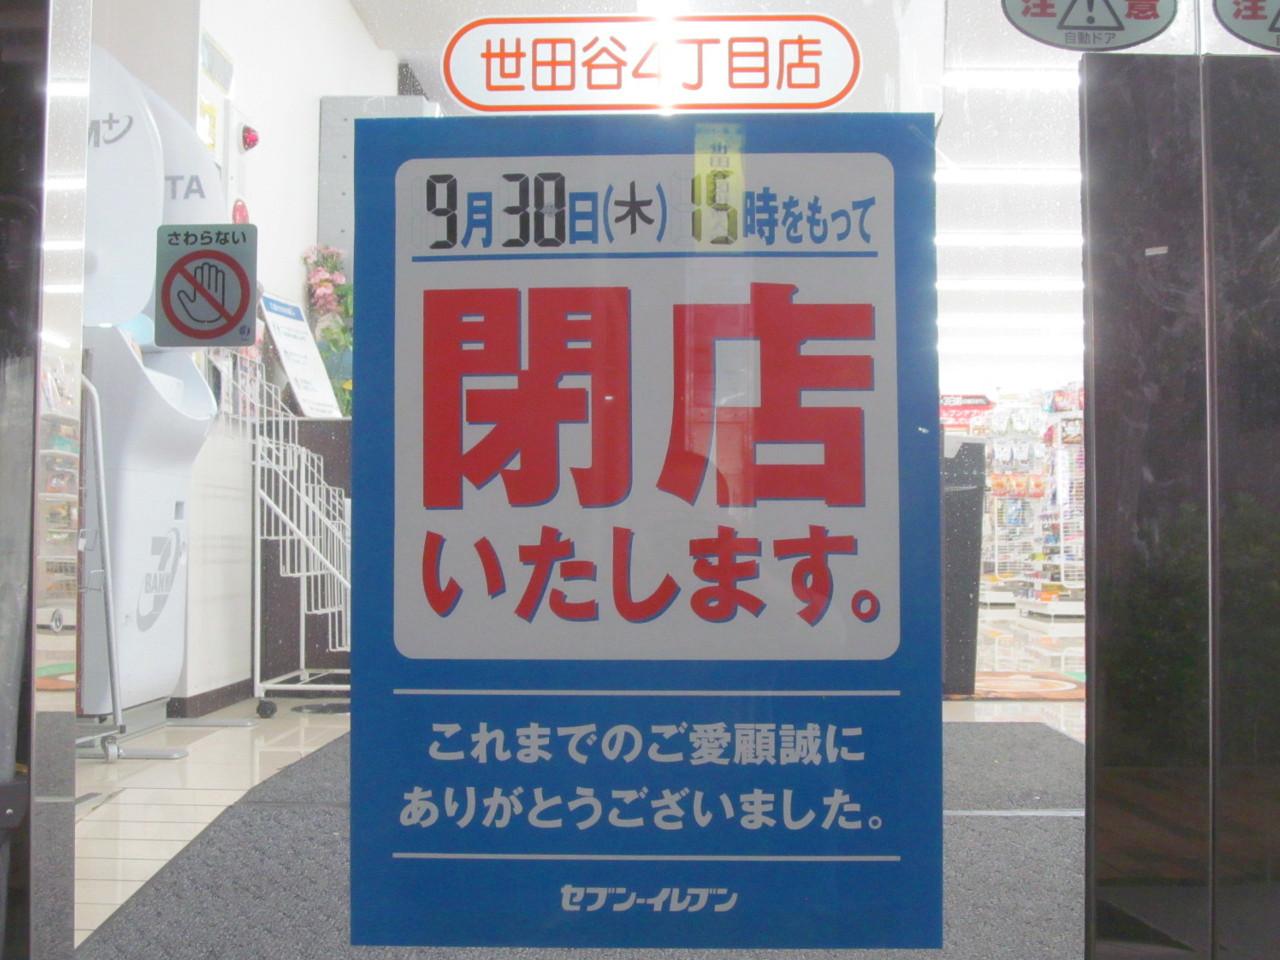 セブンイレブン世田谷4丁目店20210930閉店アイキャッチ1280調整後2